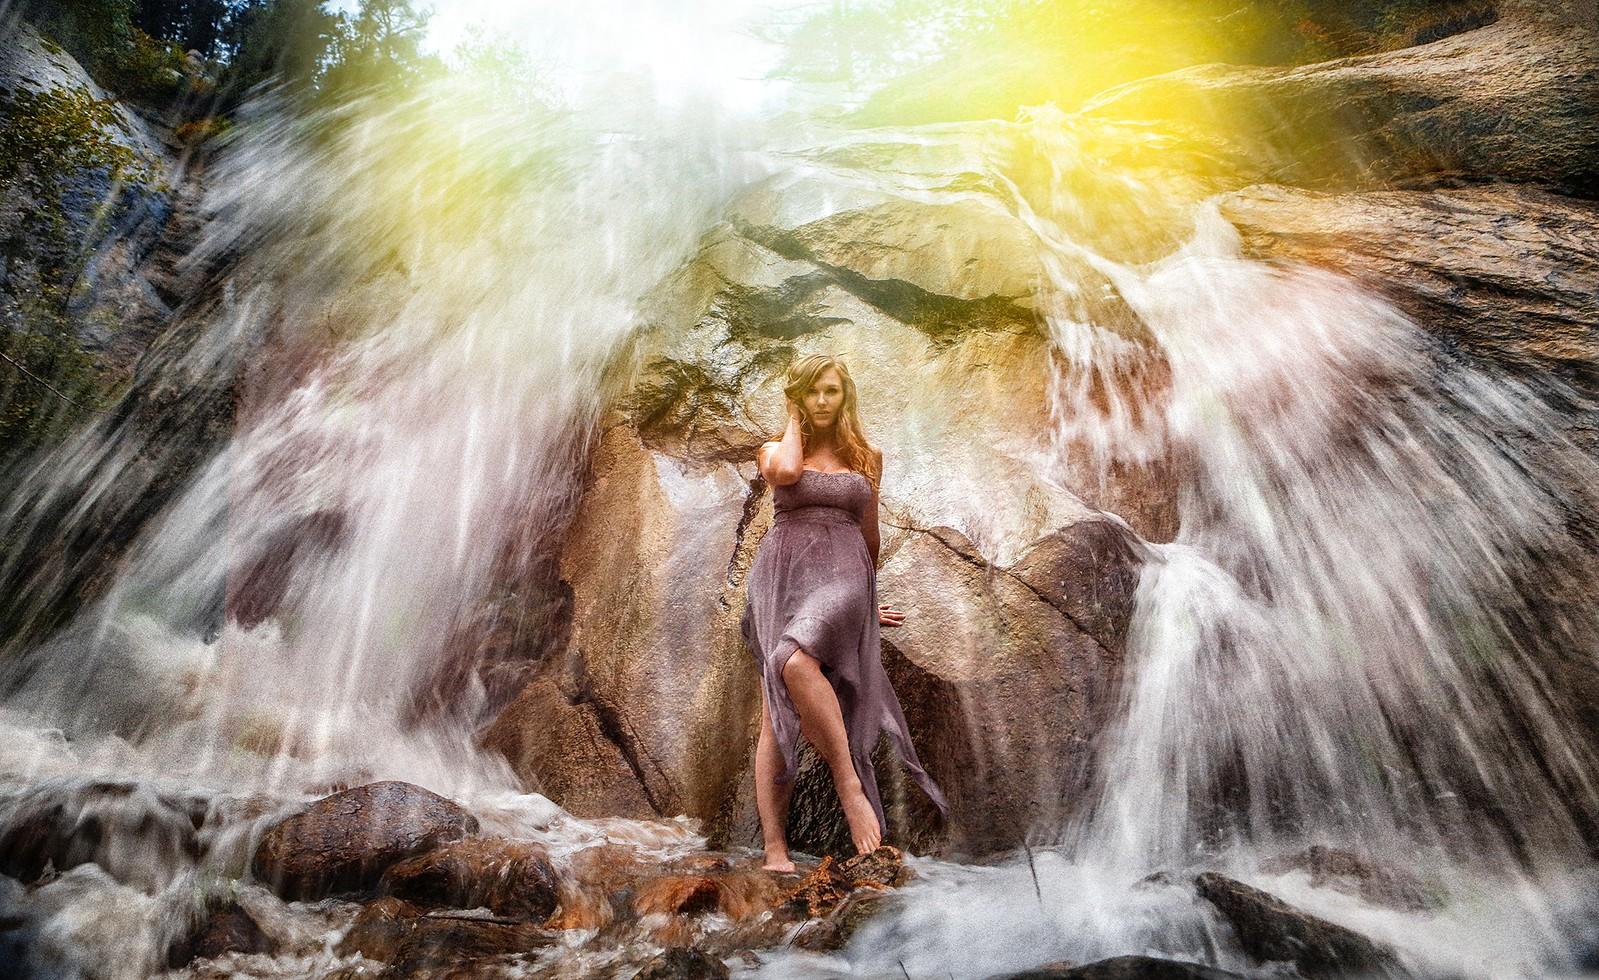 eric-dearbeck-beautiful-waterfall-10